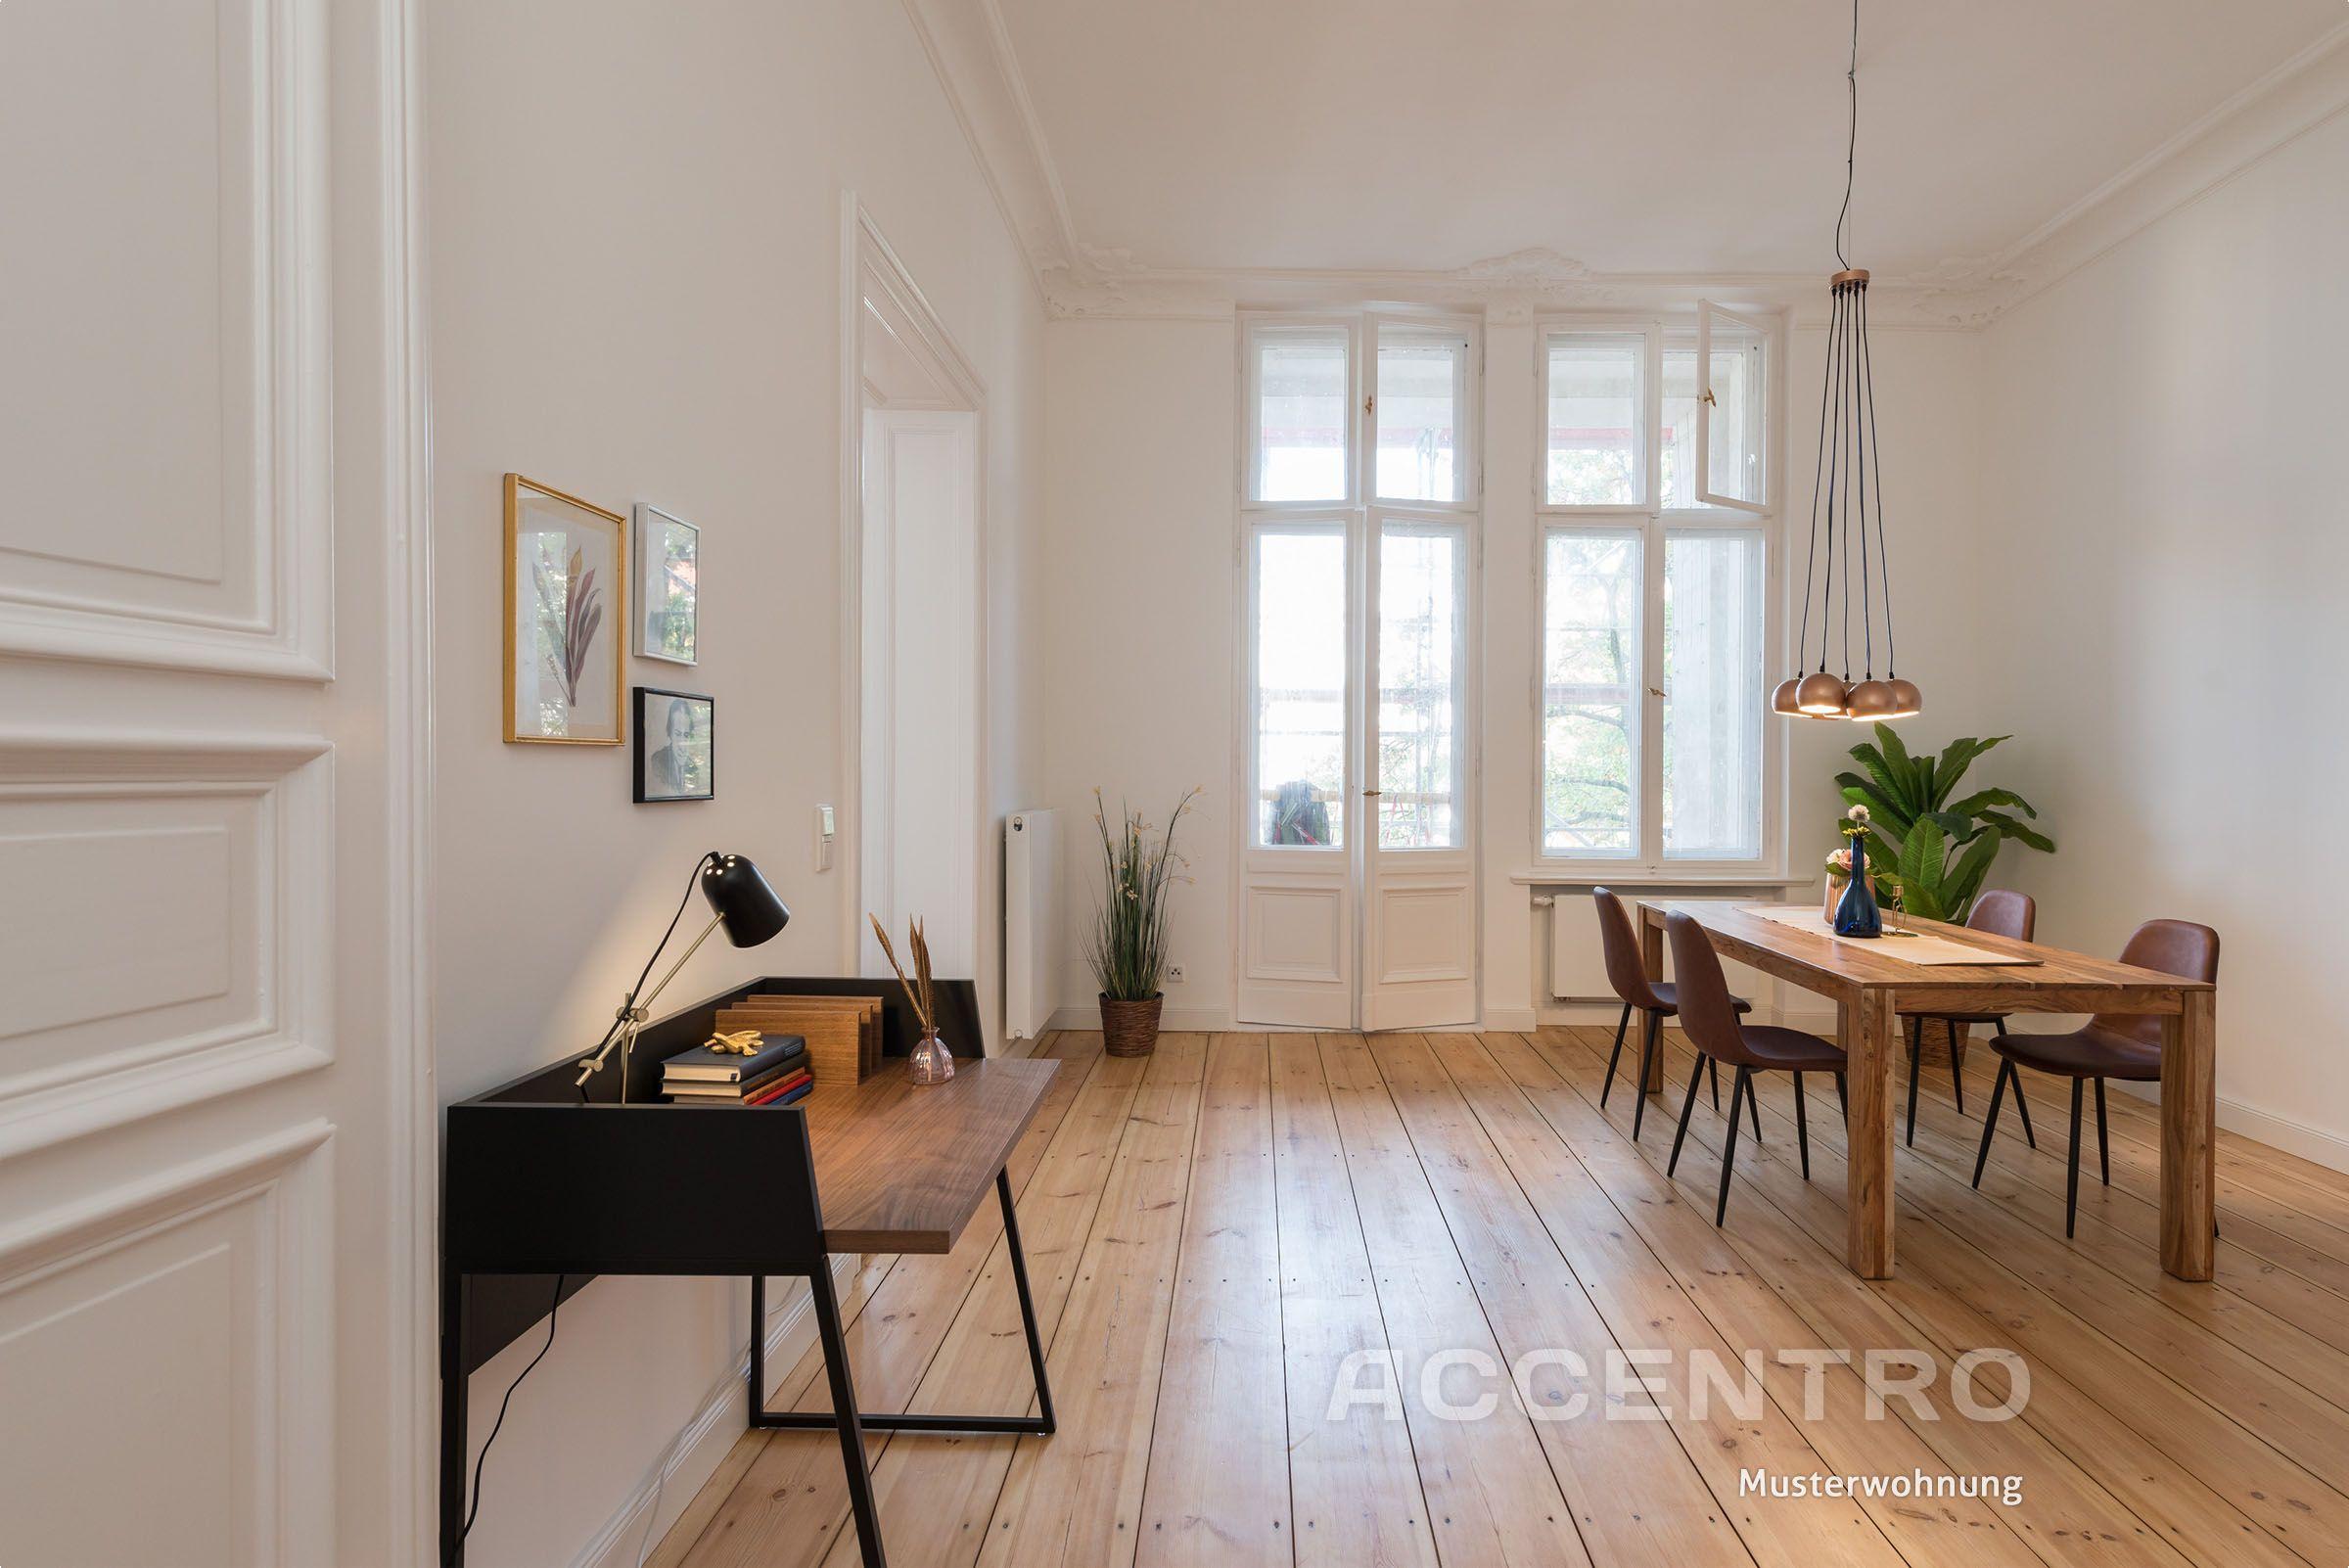 Eigentumswohnung Berlin Neukolln Hasenheide 67 Mehr Auf Www Accentro De Wohnung Kaufen Wohnung Eigentumswohnung